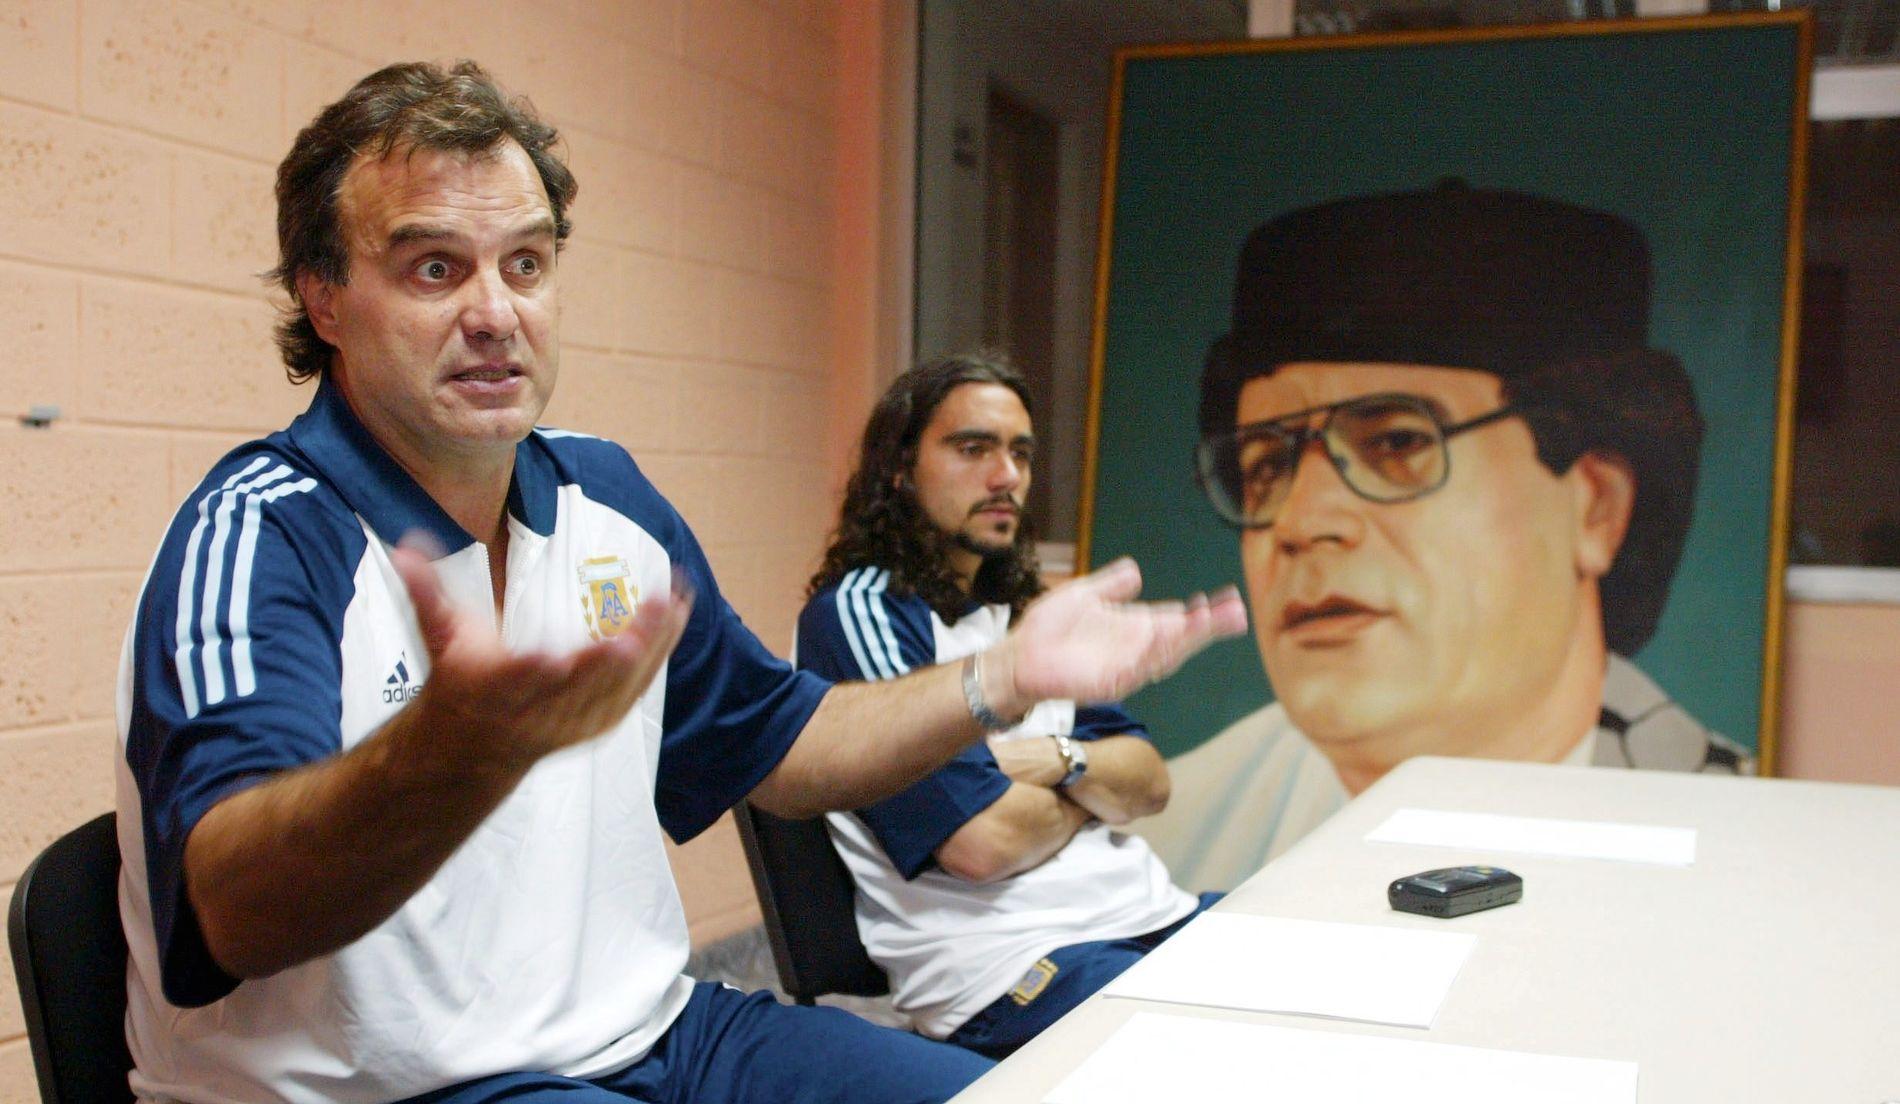 ARGENTINA-SJEF: Marcelo Bielsa var argentinsk landslagstrener fra 1998 til 2004. Her på en preseskonferanse i Libya, med et bilde av Muammar al-Gaddafi i bakgrunnen.